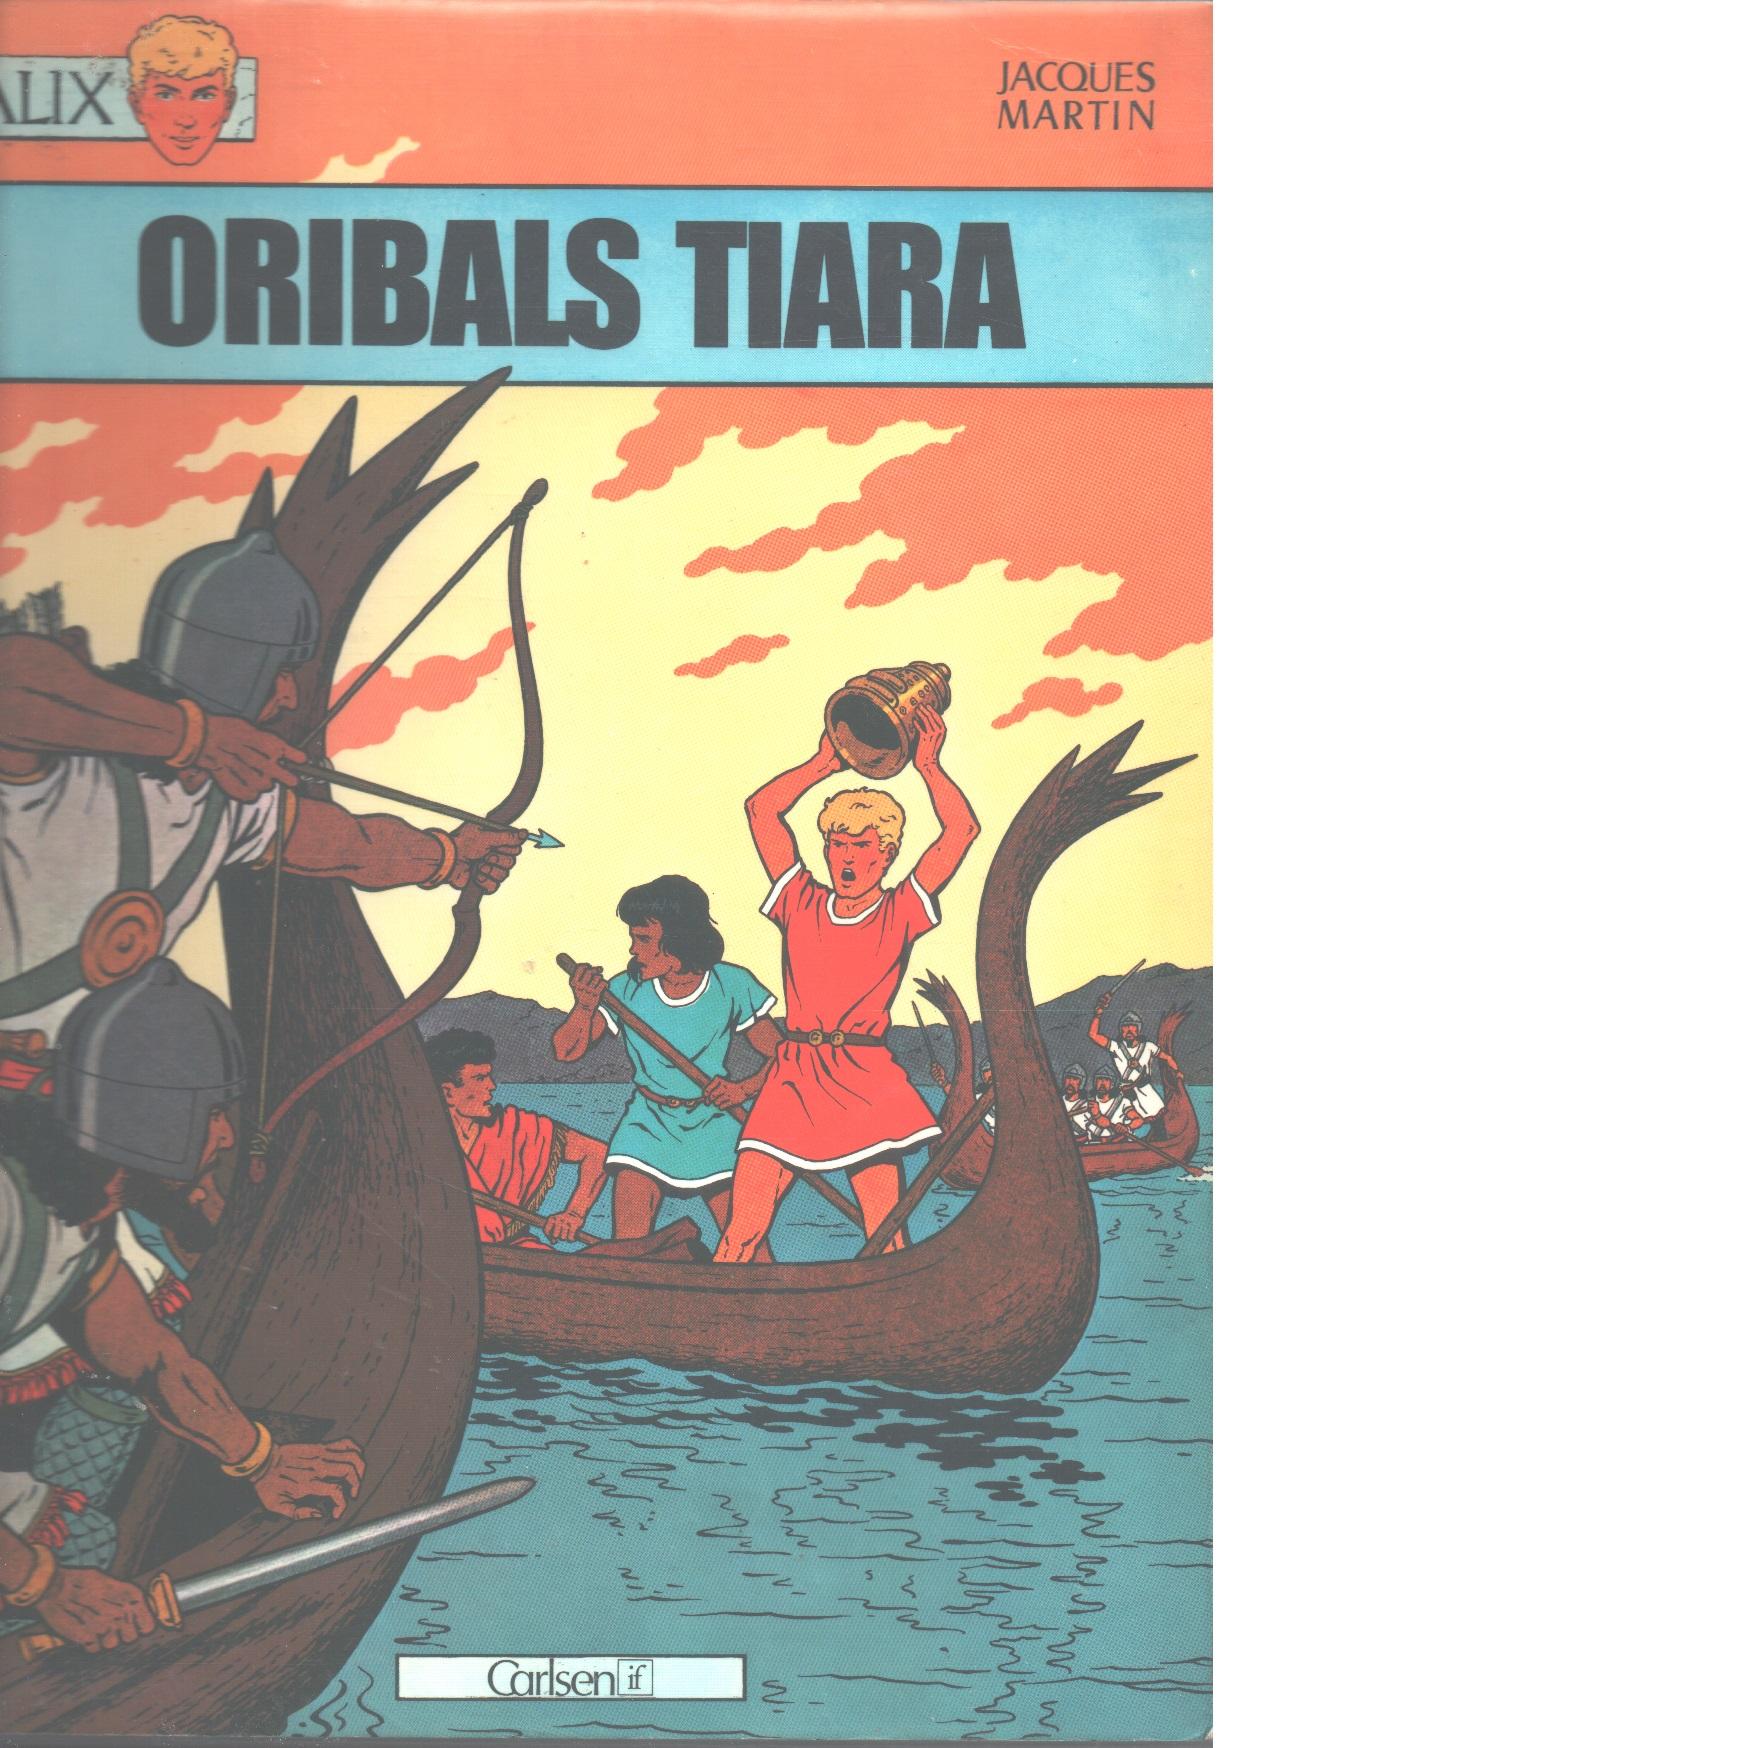 Oribals tiara - Martin, Jacques